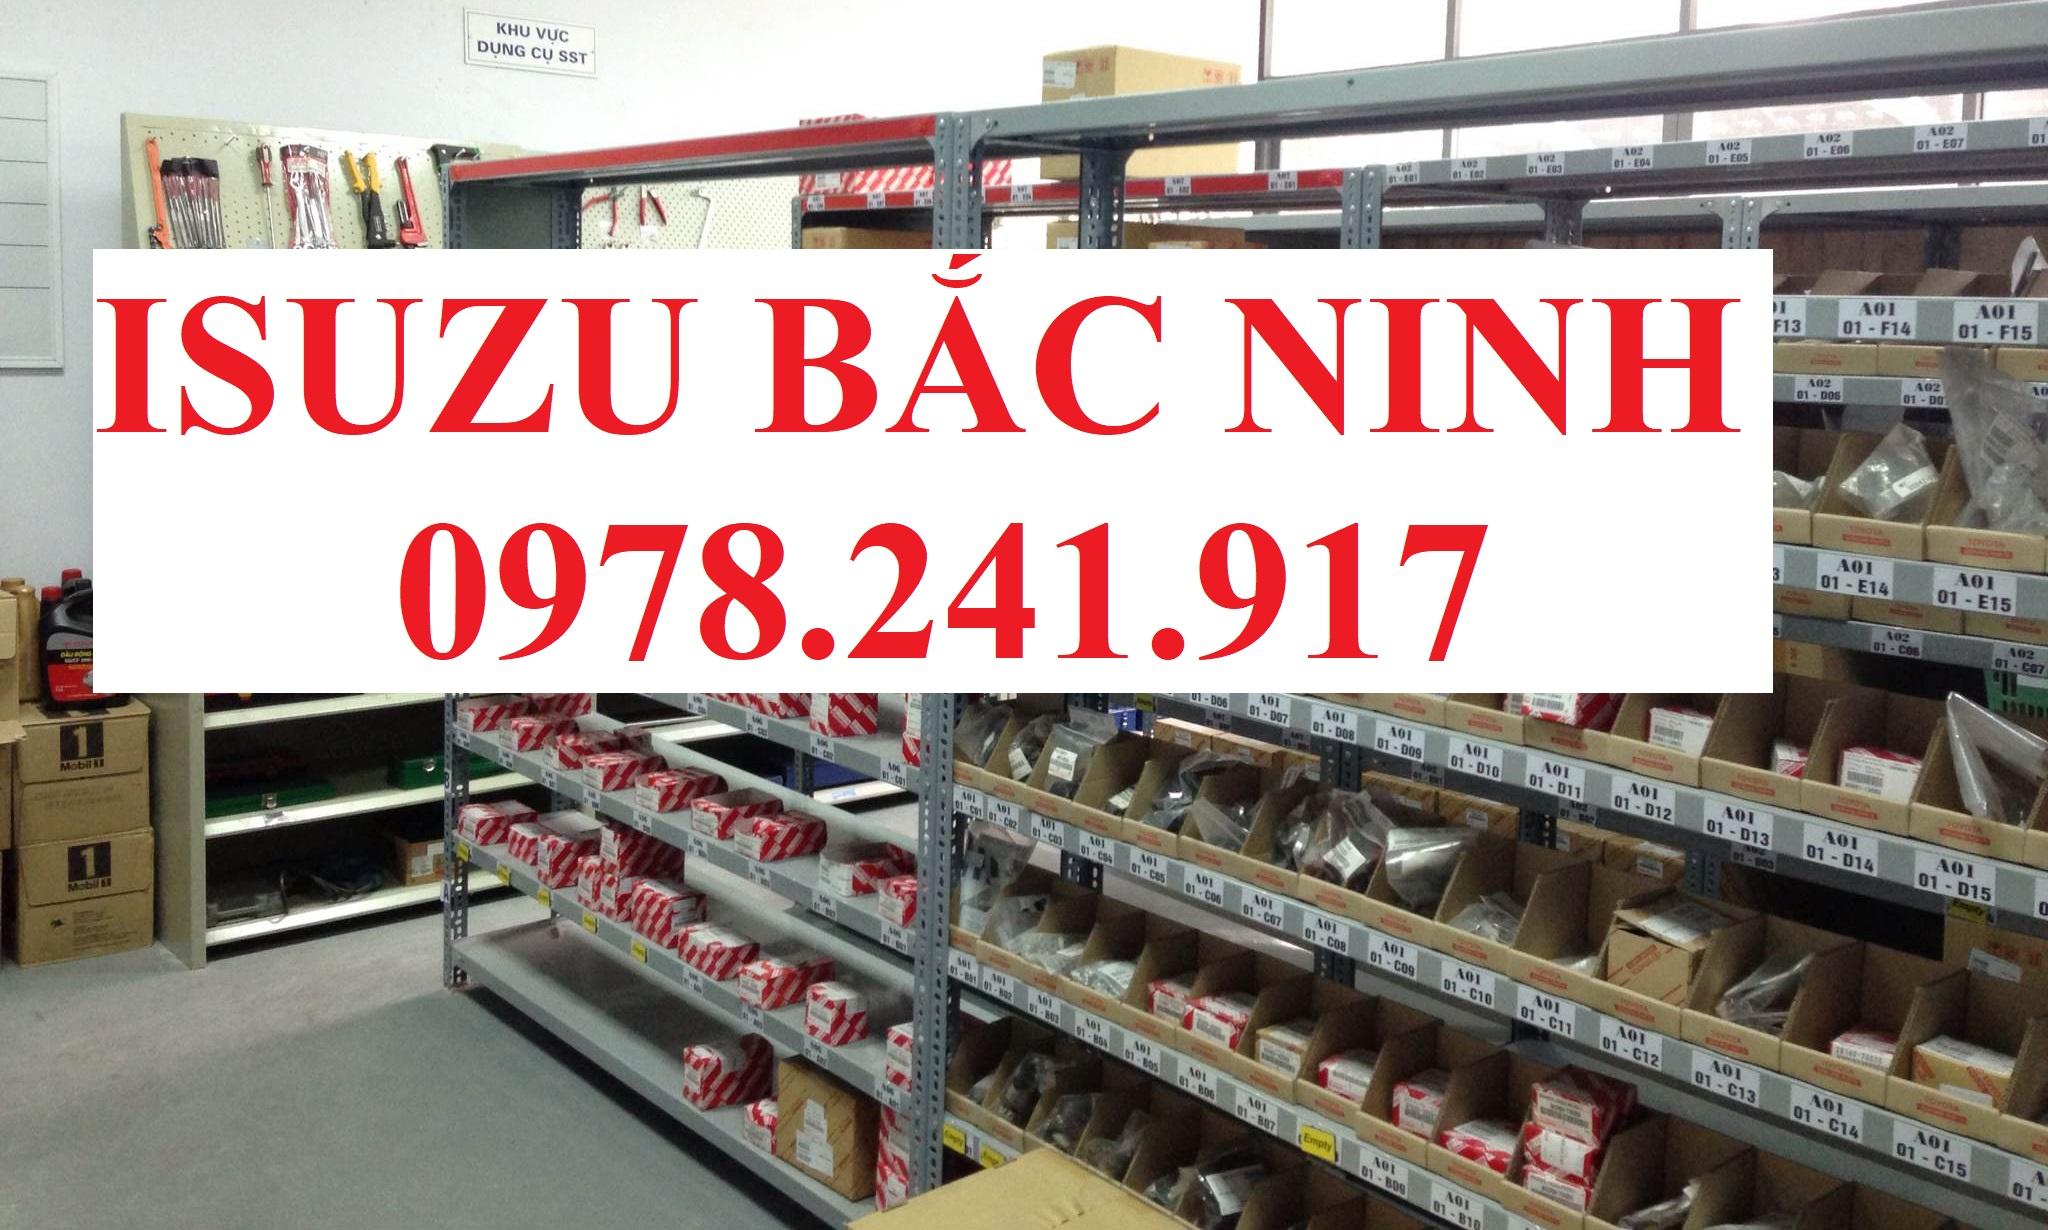 cửa hàng isuzu bắc ninh